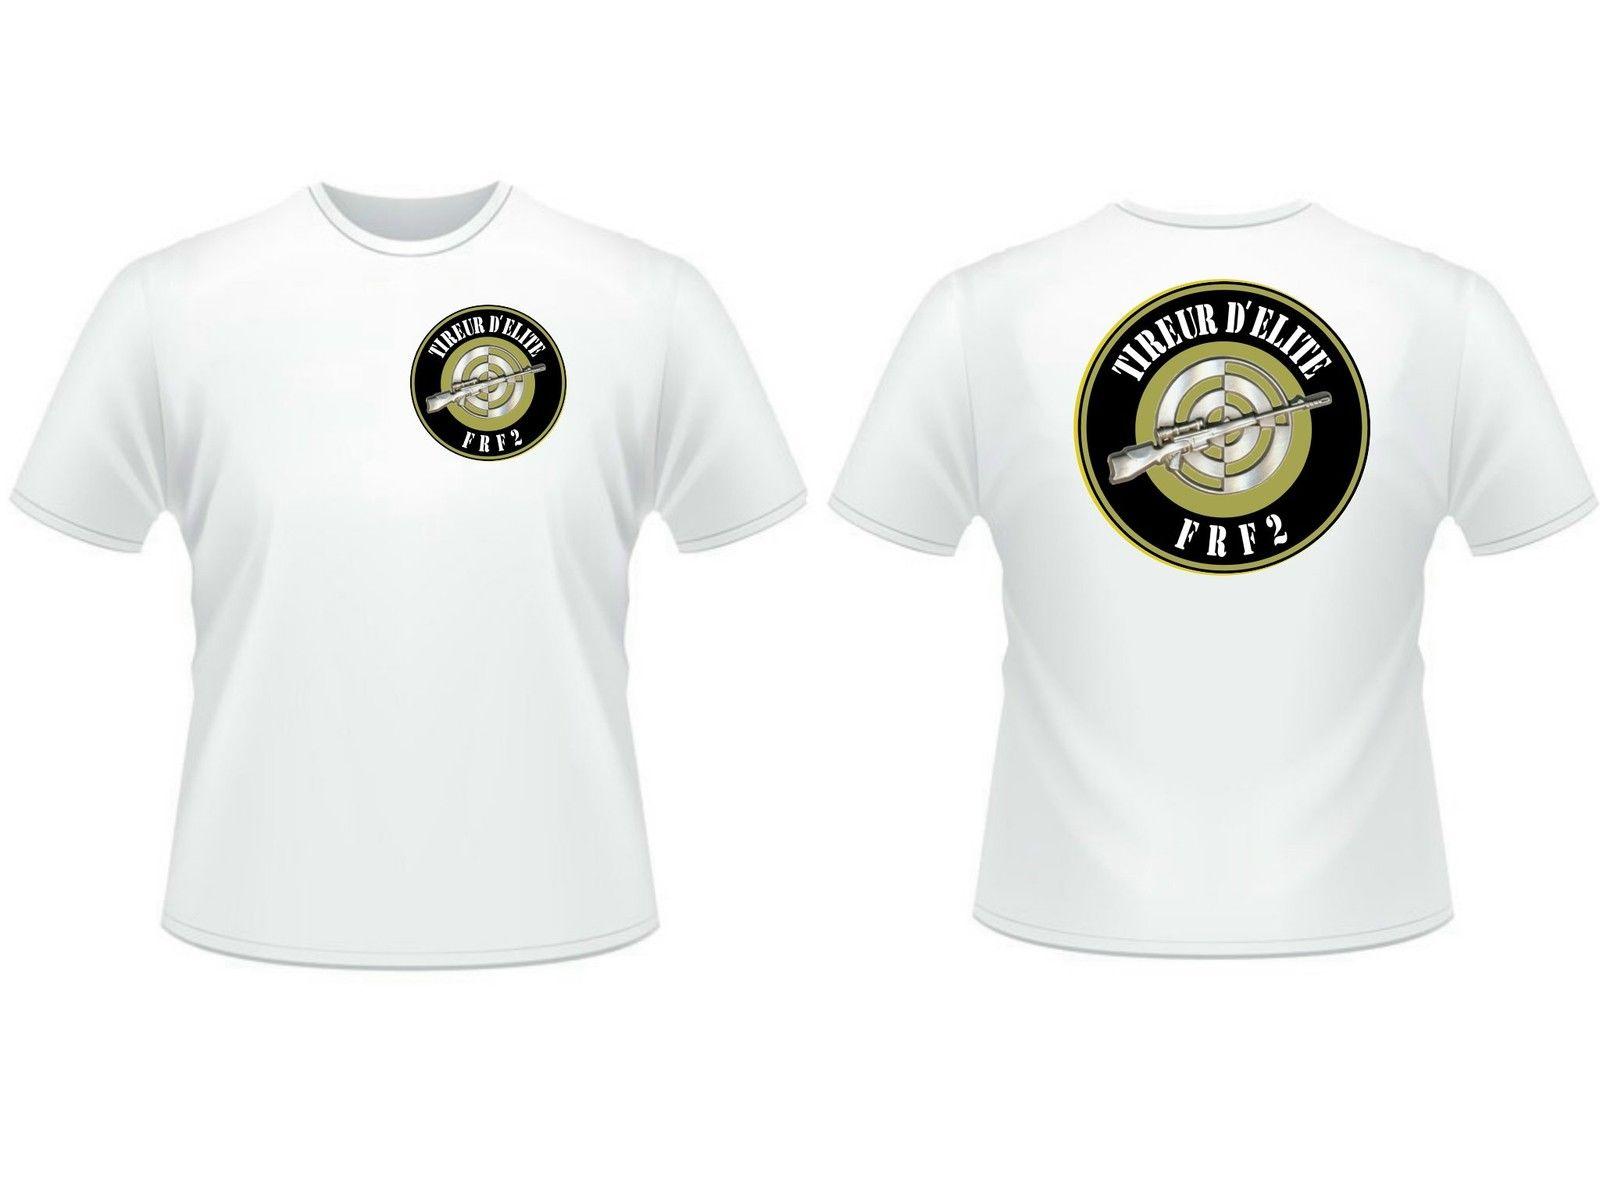 2018 Для мужчин прохладный Футболка ..:: Футболка: .. Tireur d'elite FRF2-brevet-МДП Снайпер armee-du S AU XXL летняя футболка